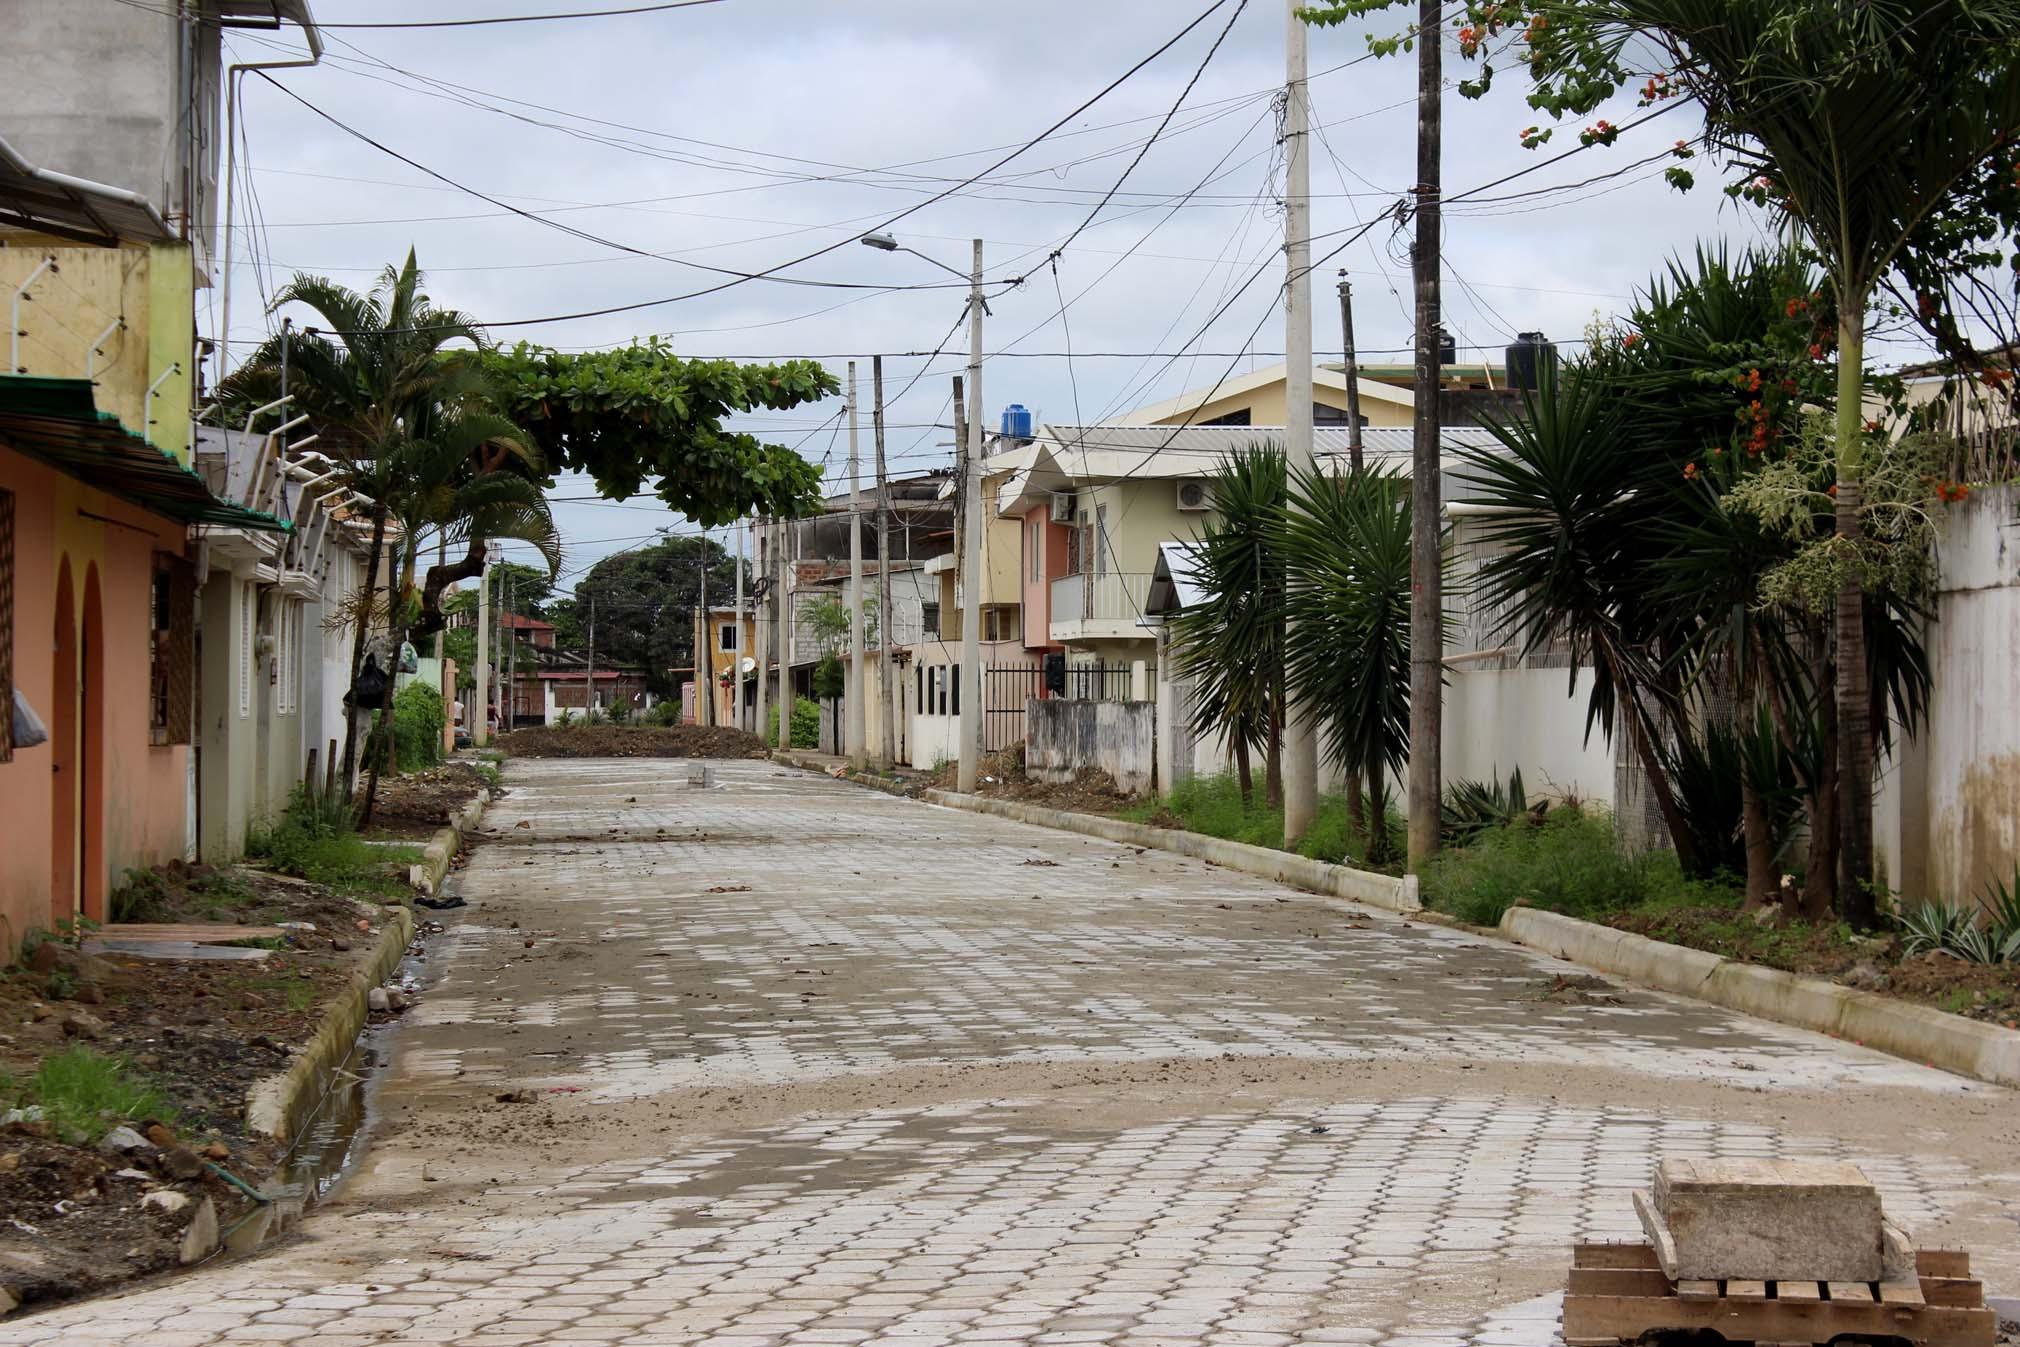 Calle Los Cipreses, Cdla. Eugenio Espejo